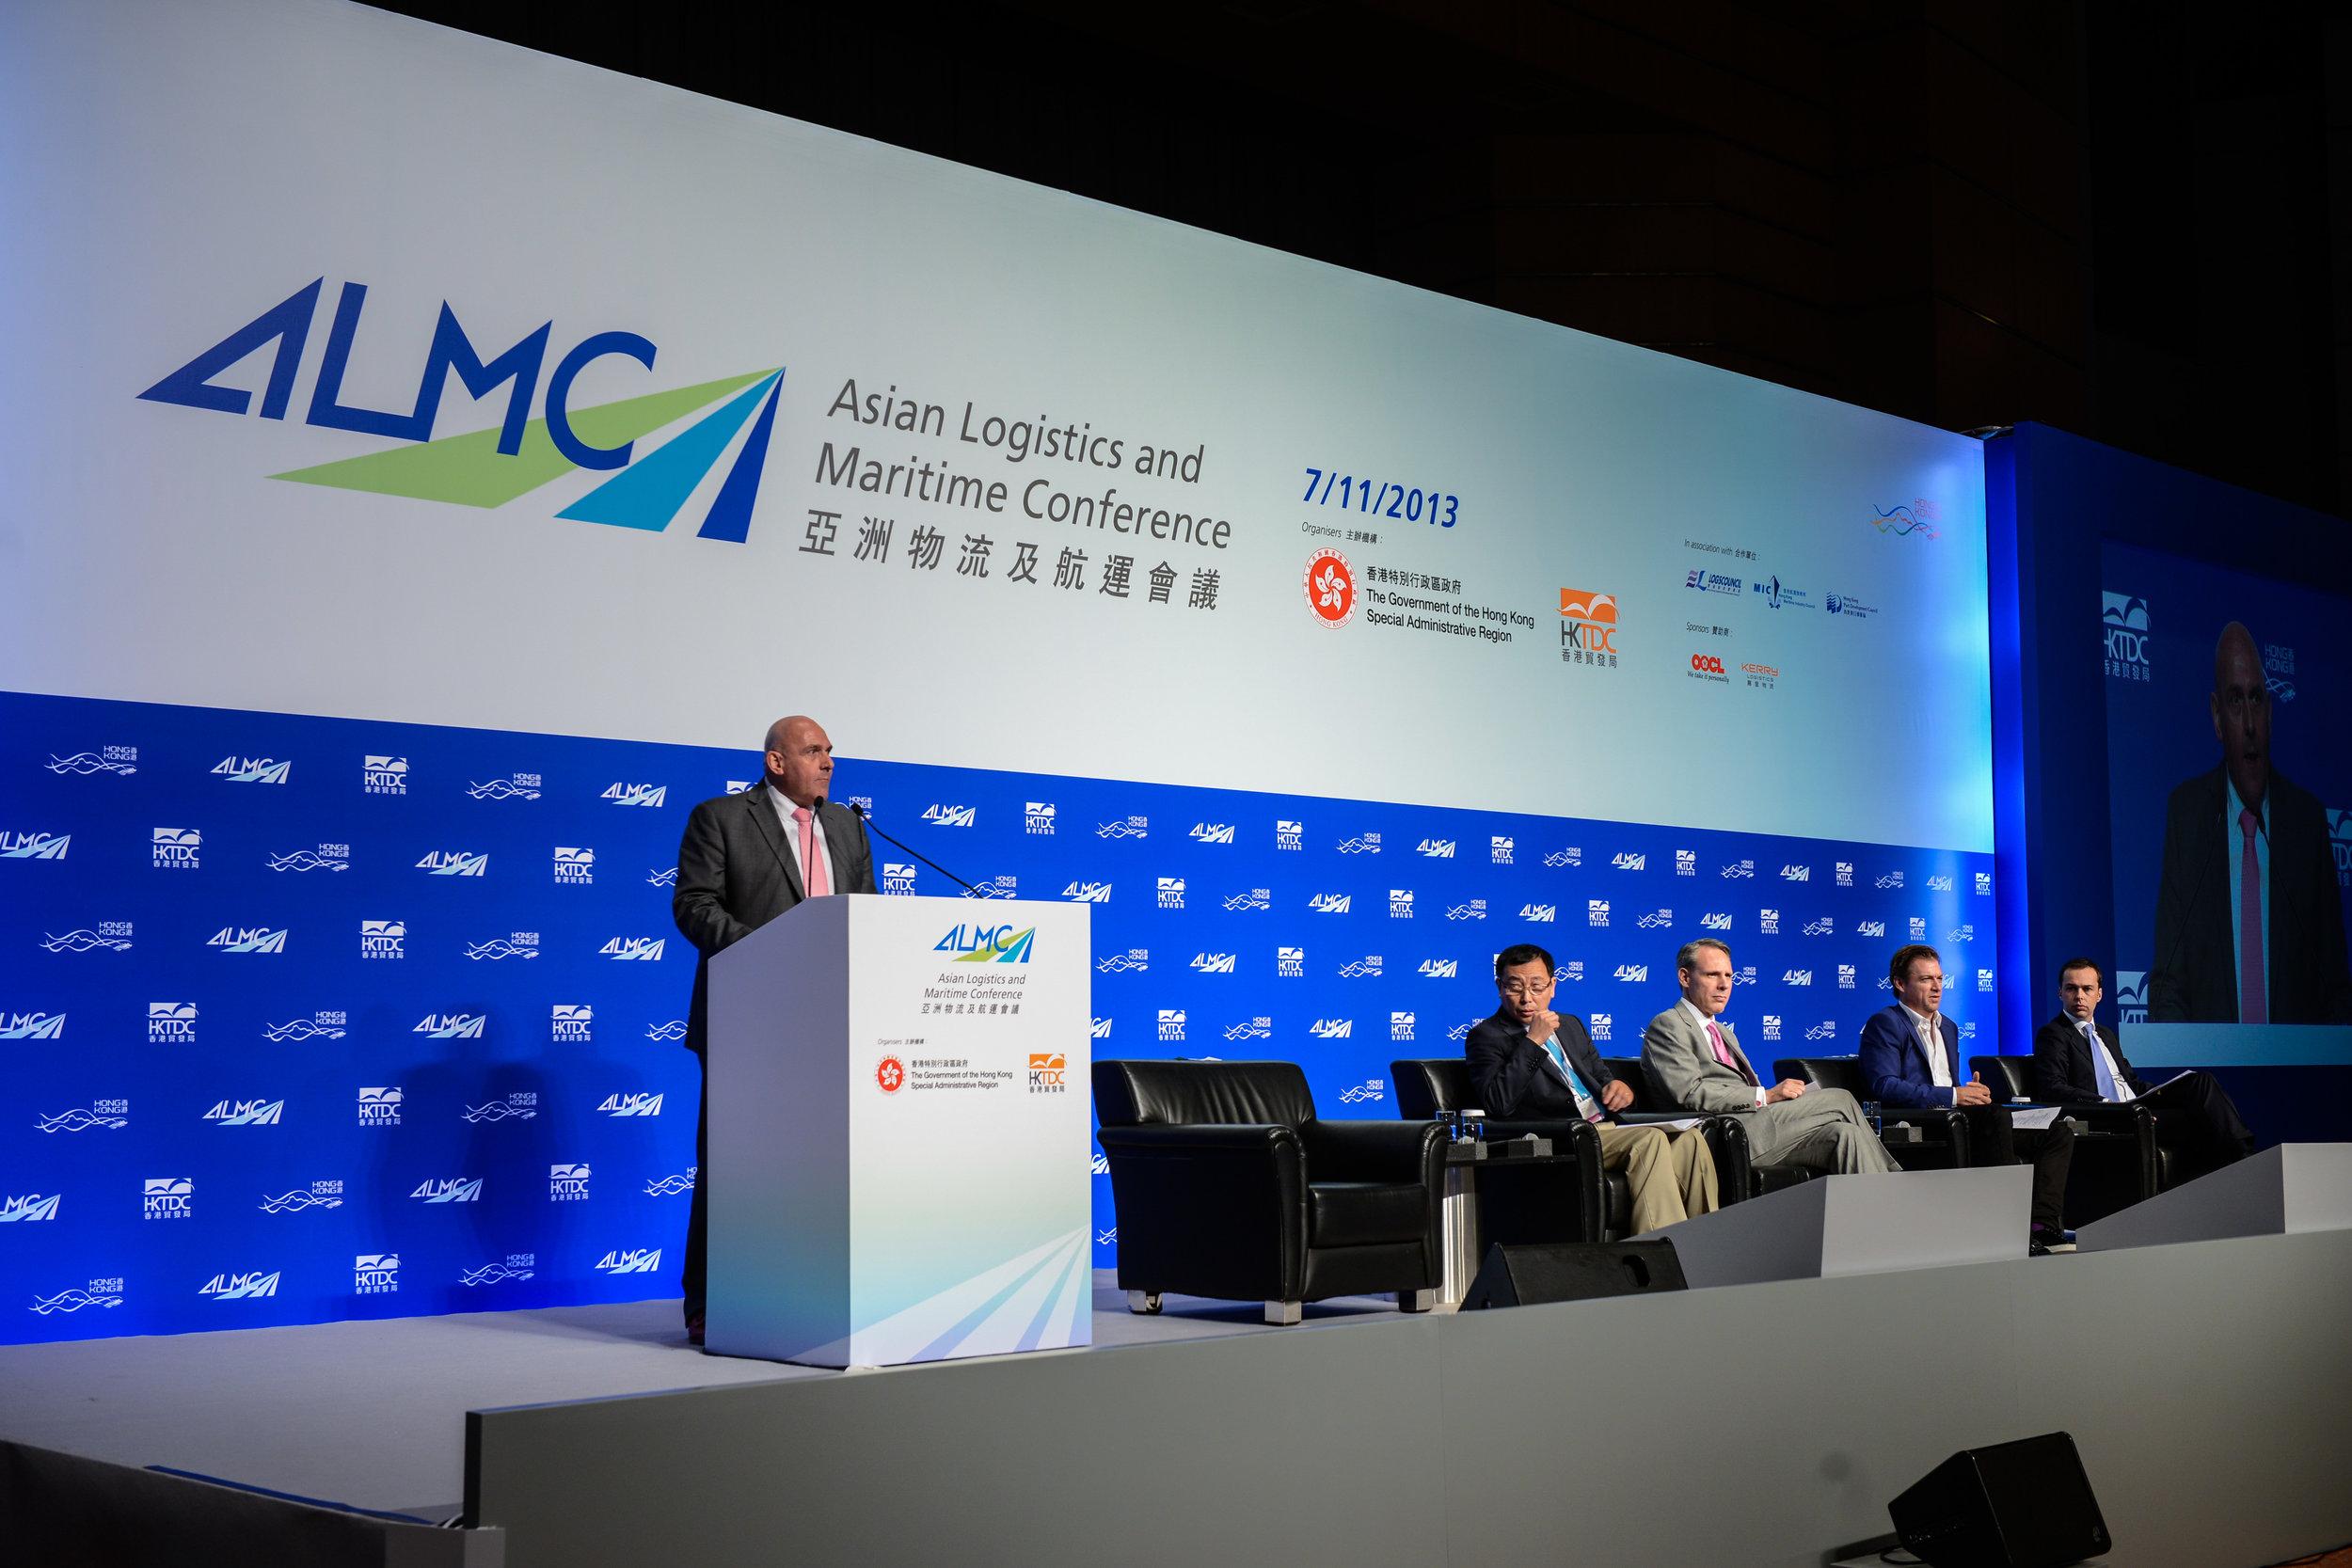 2013-11 HKG ALMC Conference-HKTDC@HKCEC (3).jpg